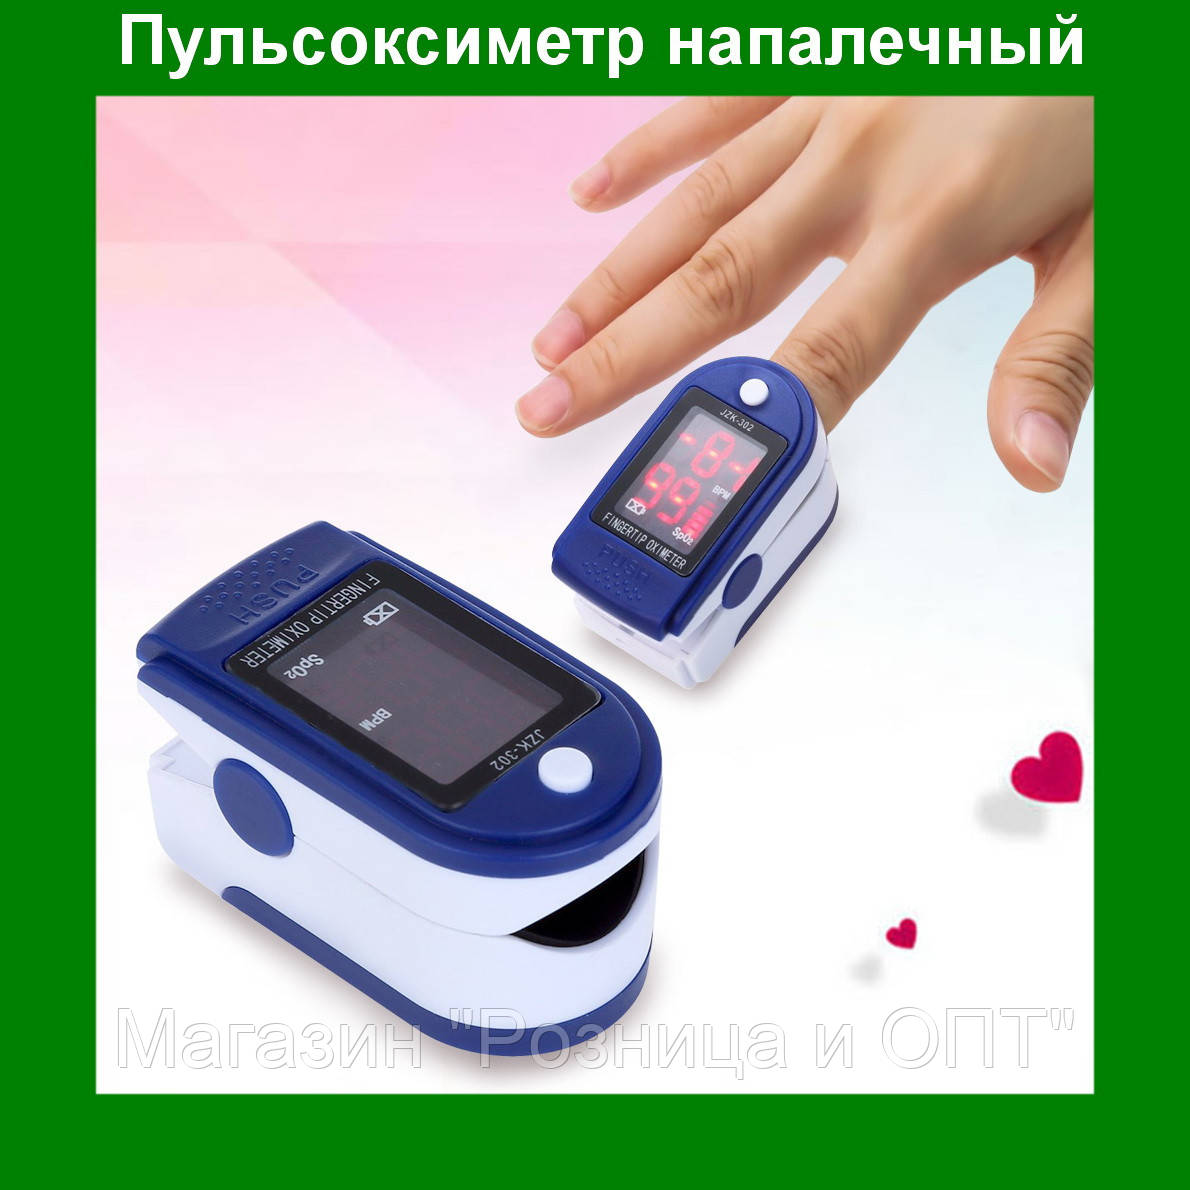 """Пульсоксиметр напалечный Pulse Oximeter JZK-302, прибор для измерения уровня кислорода в крови!Акция - Магазин """"Розница и ОПТ"""" в Одессе"""